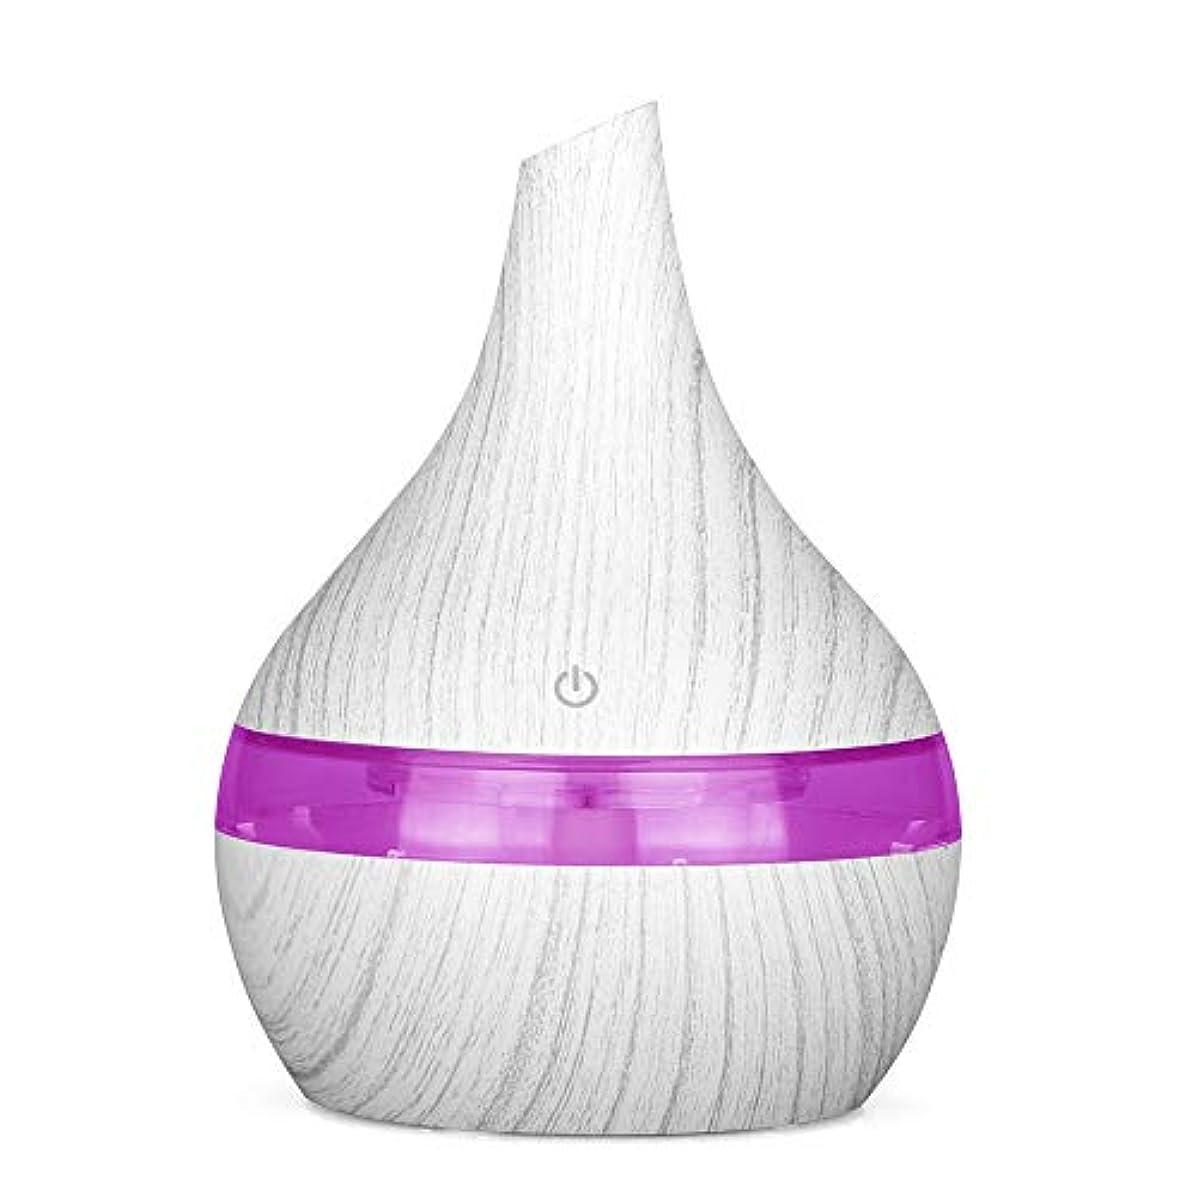 寛容な配る流すエッセンシャルオイルディフューザー300ミリリットル木目ディフューザーミストアロマ加湿器7色LEDのホームオフィスのベッドルームを変更するクール (Color : E, Size : 12×12×16)